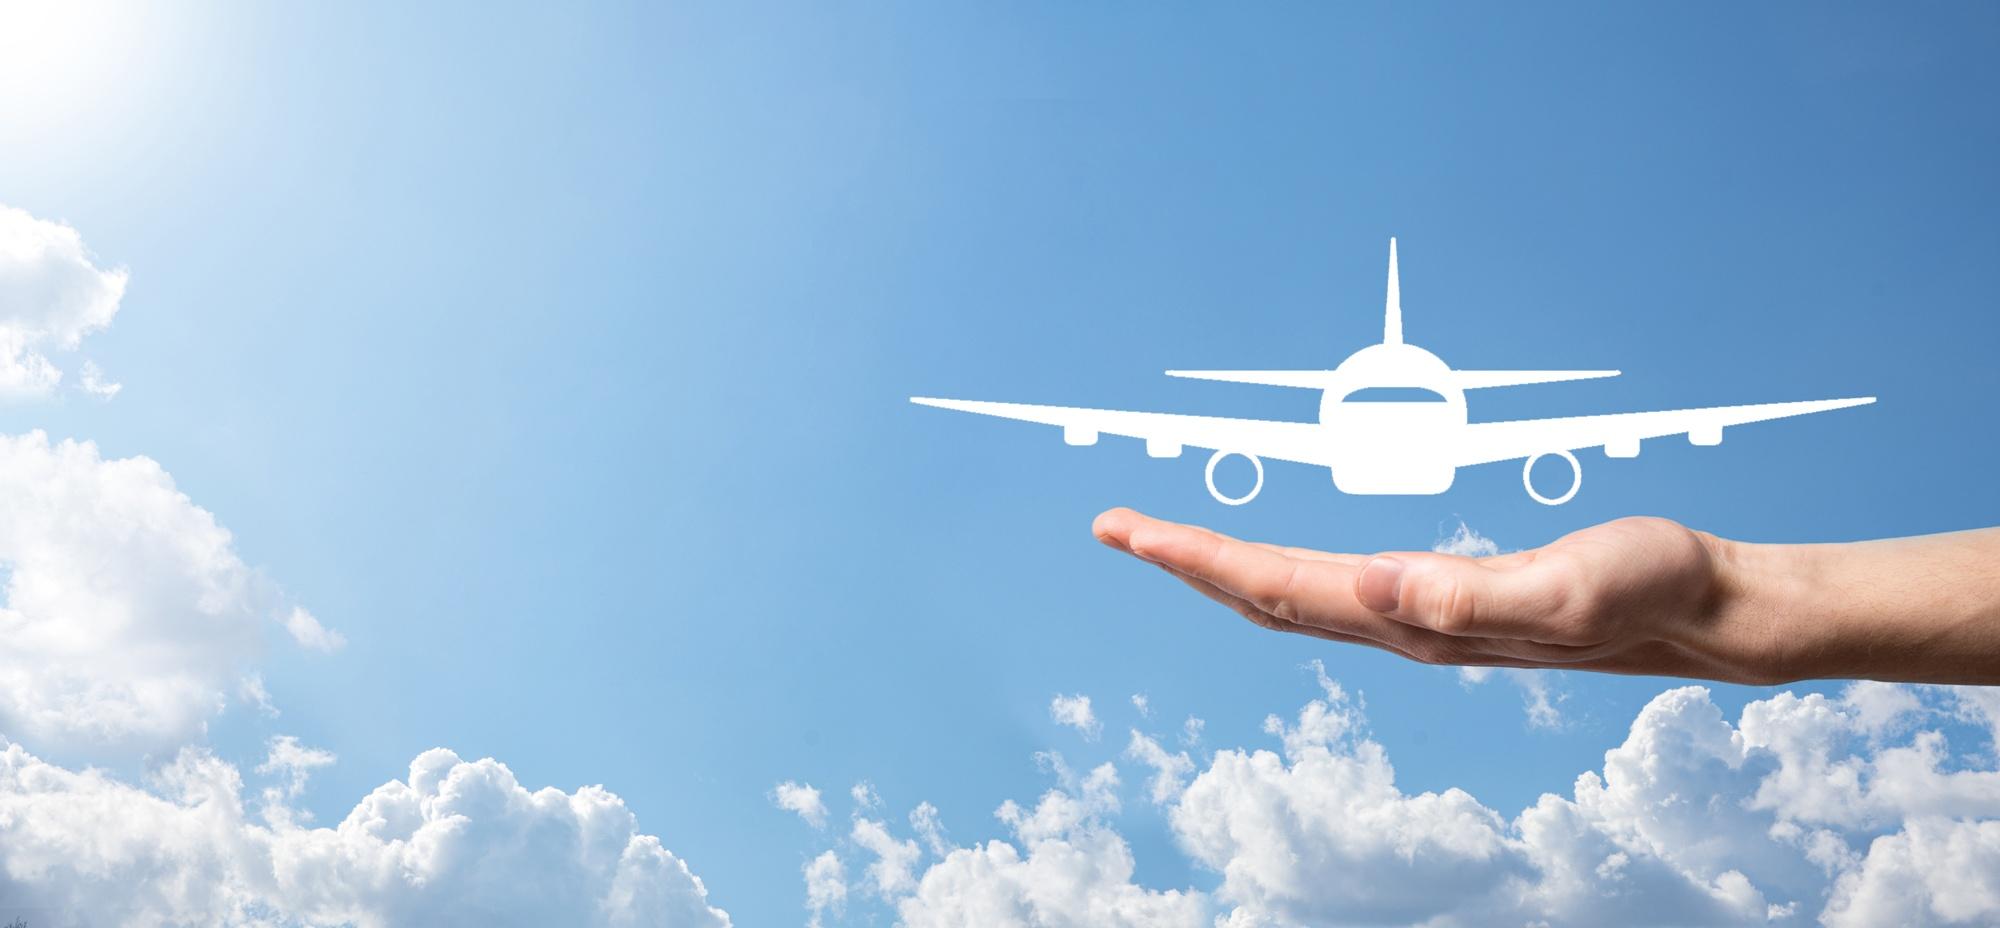 Все о самолетах ✈️ пассажирские и военные самолеты. Схемы расположения мест, история, цены